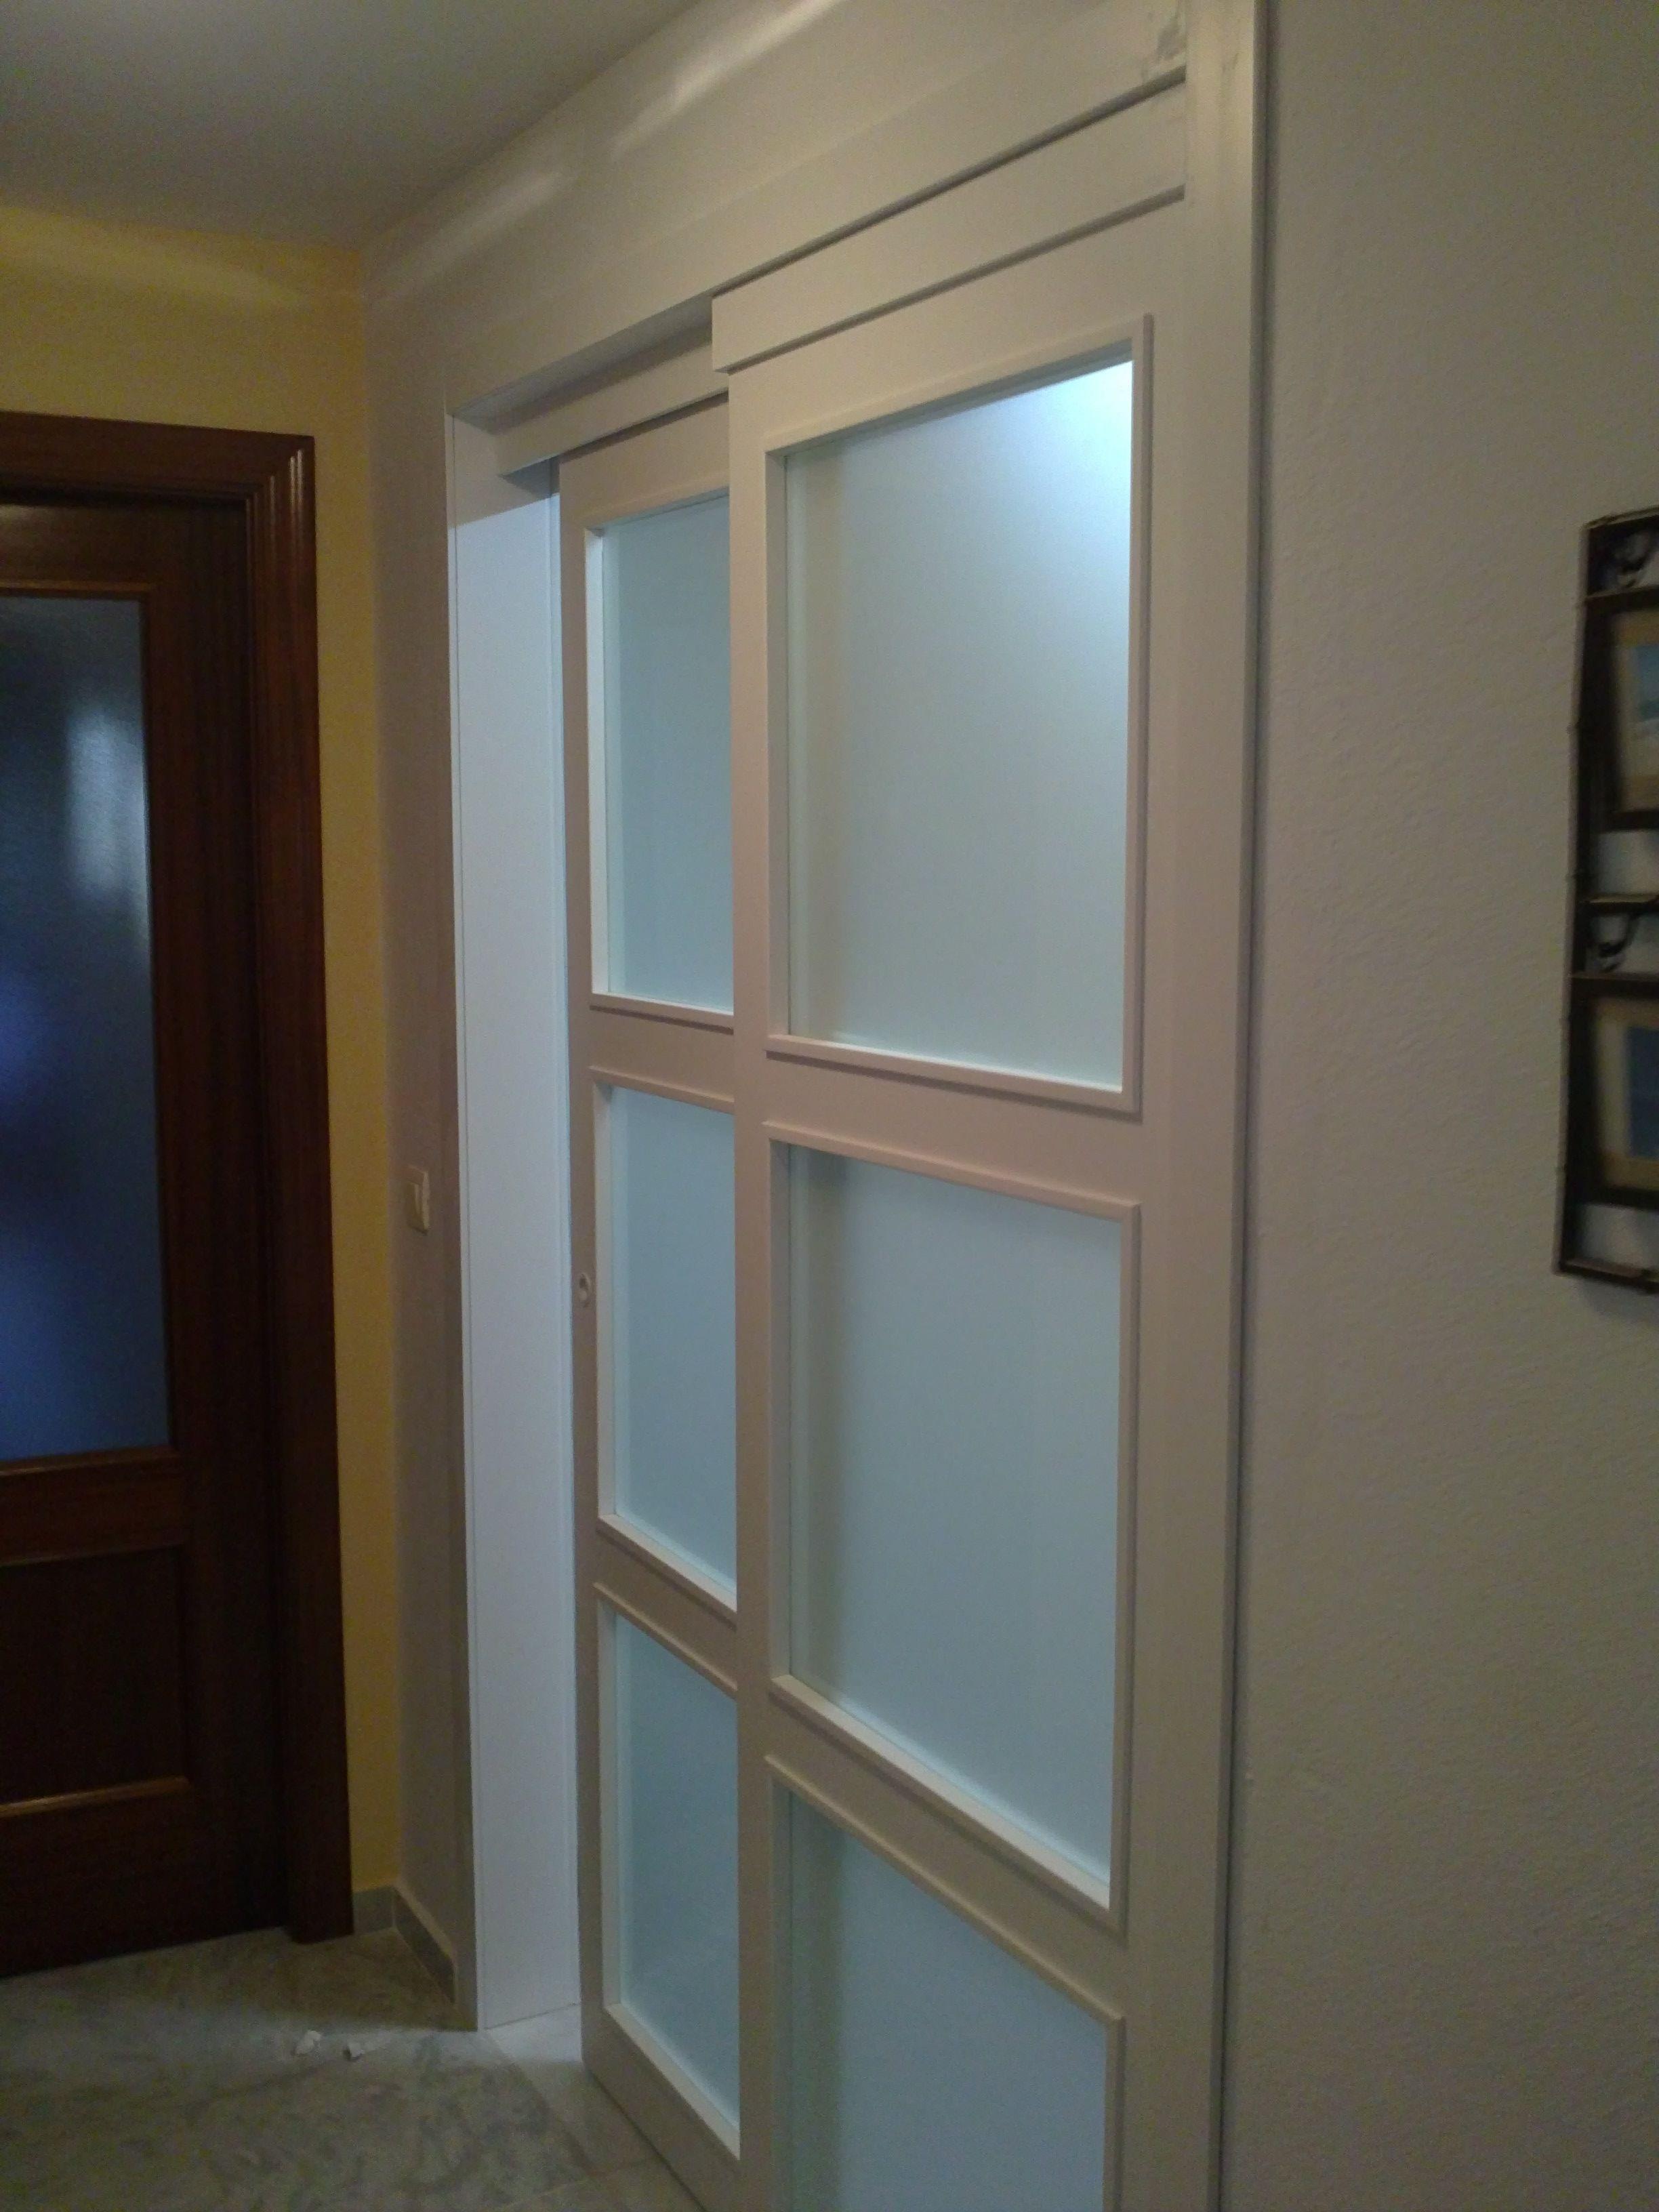 Puertas con vidrieras especiales corredera sobre fijo - Puertas correderas de cristal y madera ...